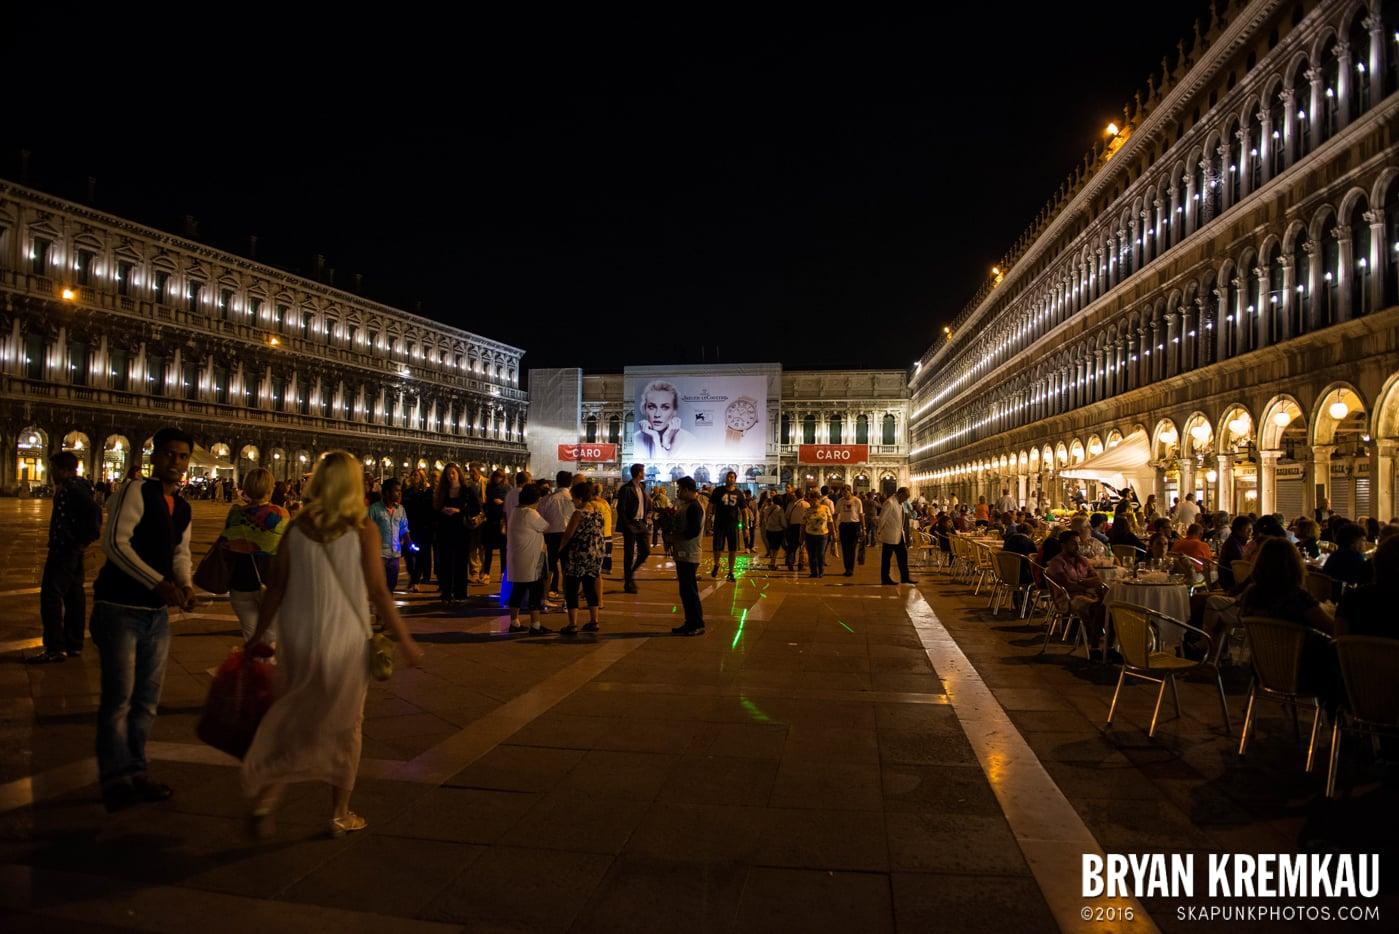 Italy Vacation - Day 6: Murano, Burano, Venice - 9.14.13 (6)